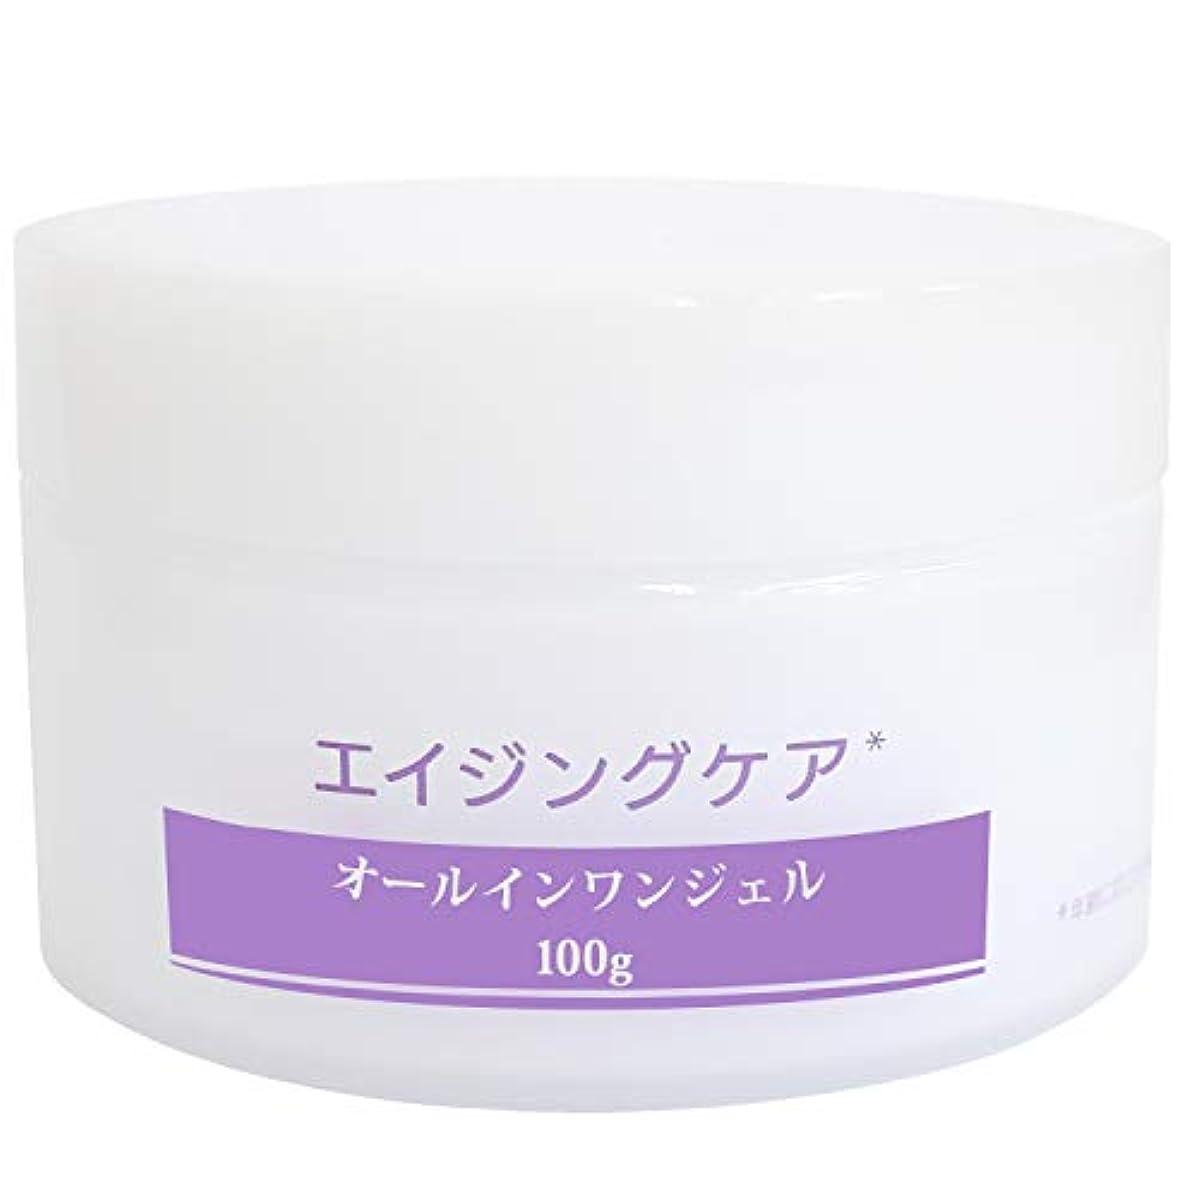 グラフスリップシューズ習熟度オールインワンジェル メンズ 化粧水 美容液 保湿クリーム オールインワン エイジングケア スキンケア リンクルケア 男性 乾燥小じわを目立たなくする 大容量 100g